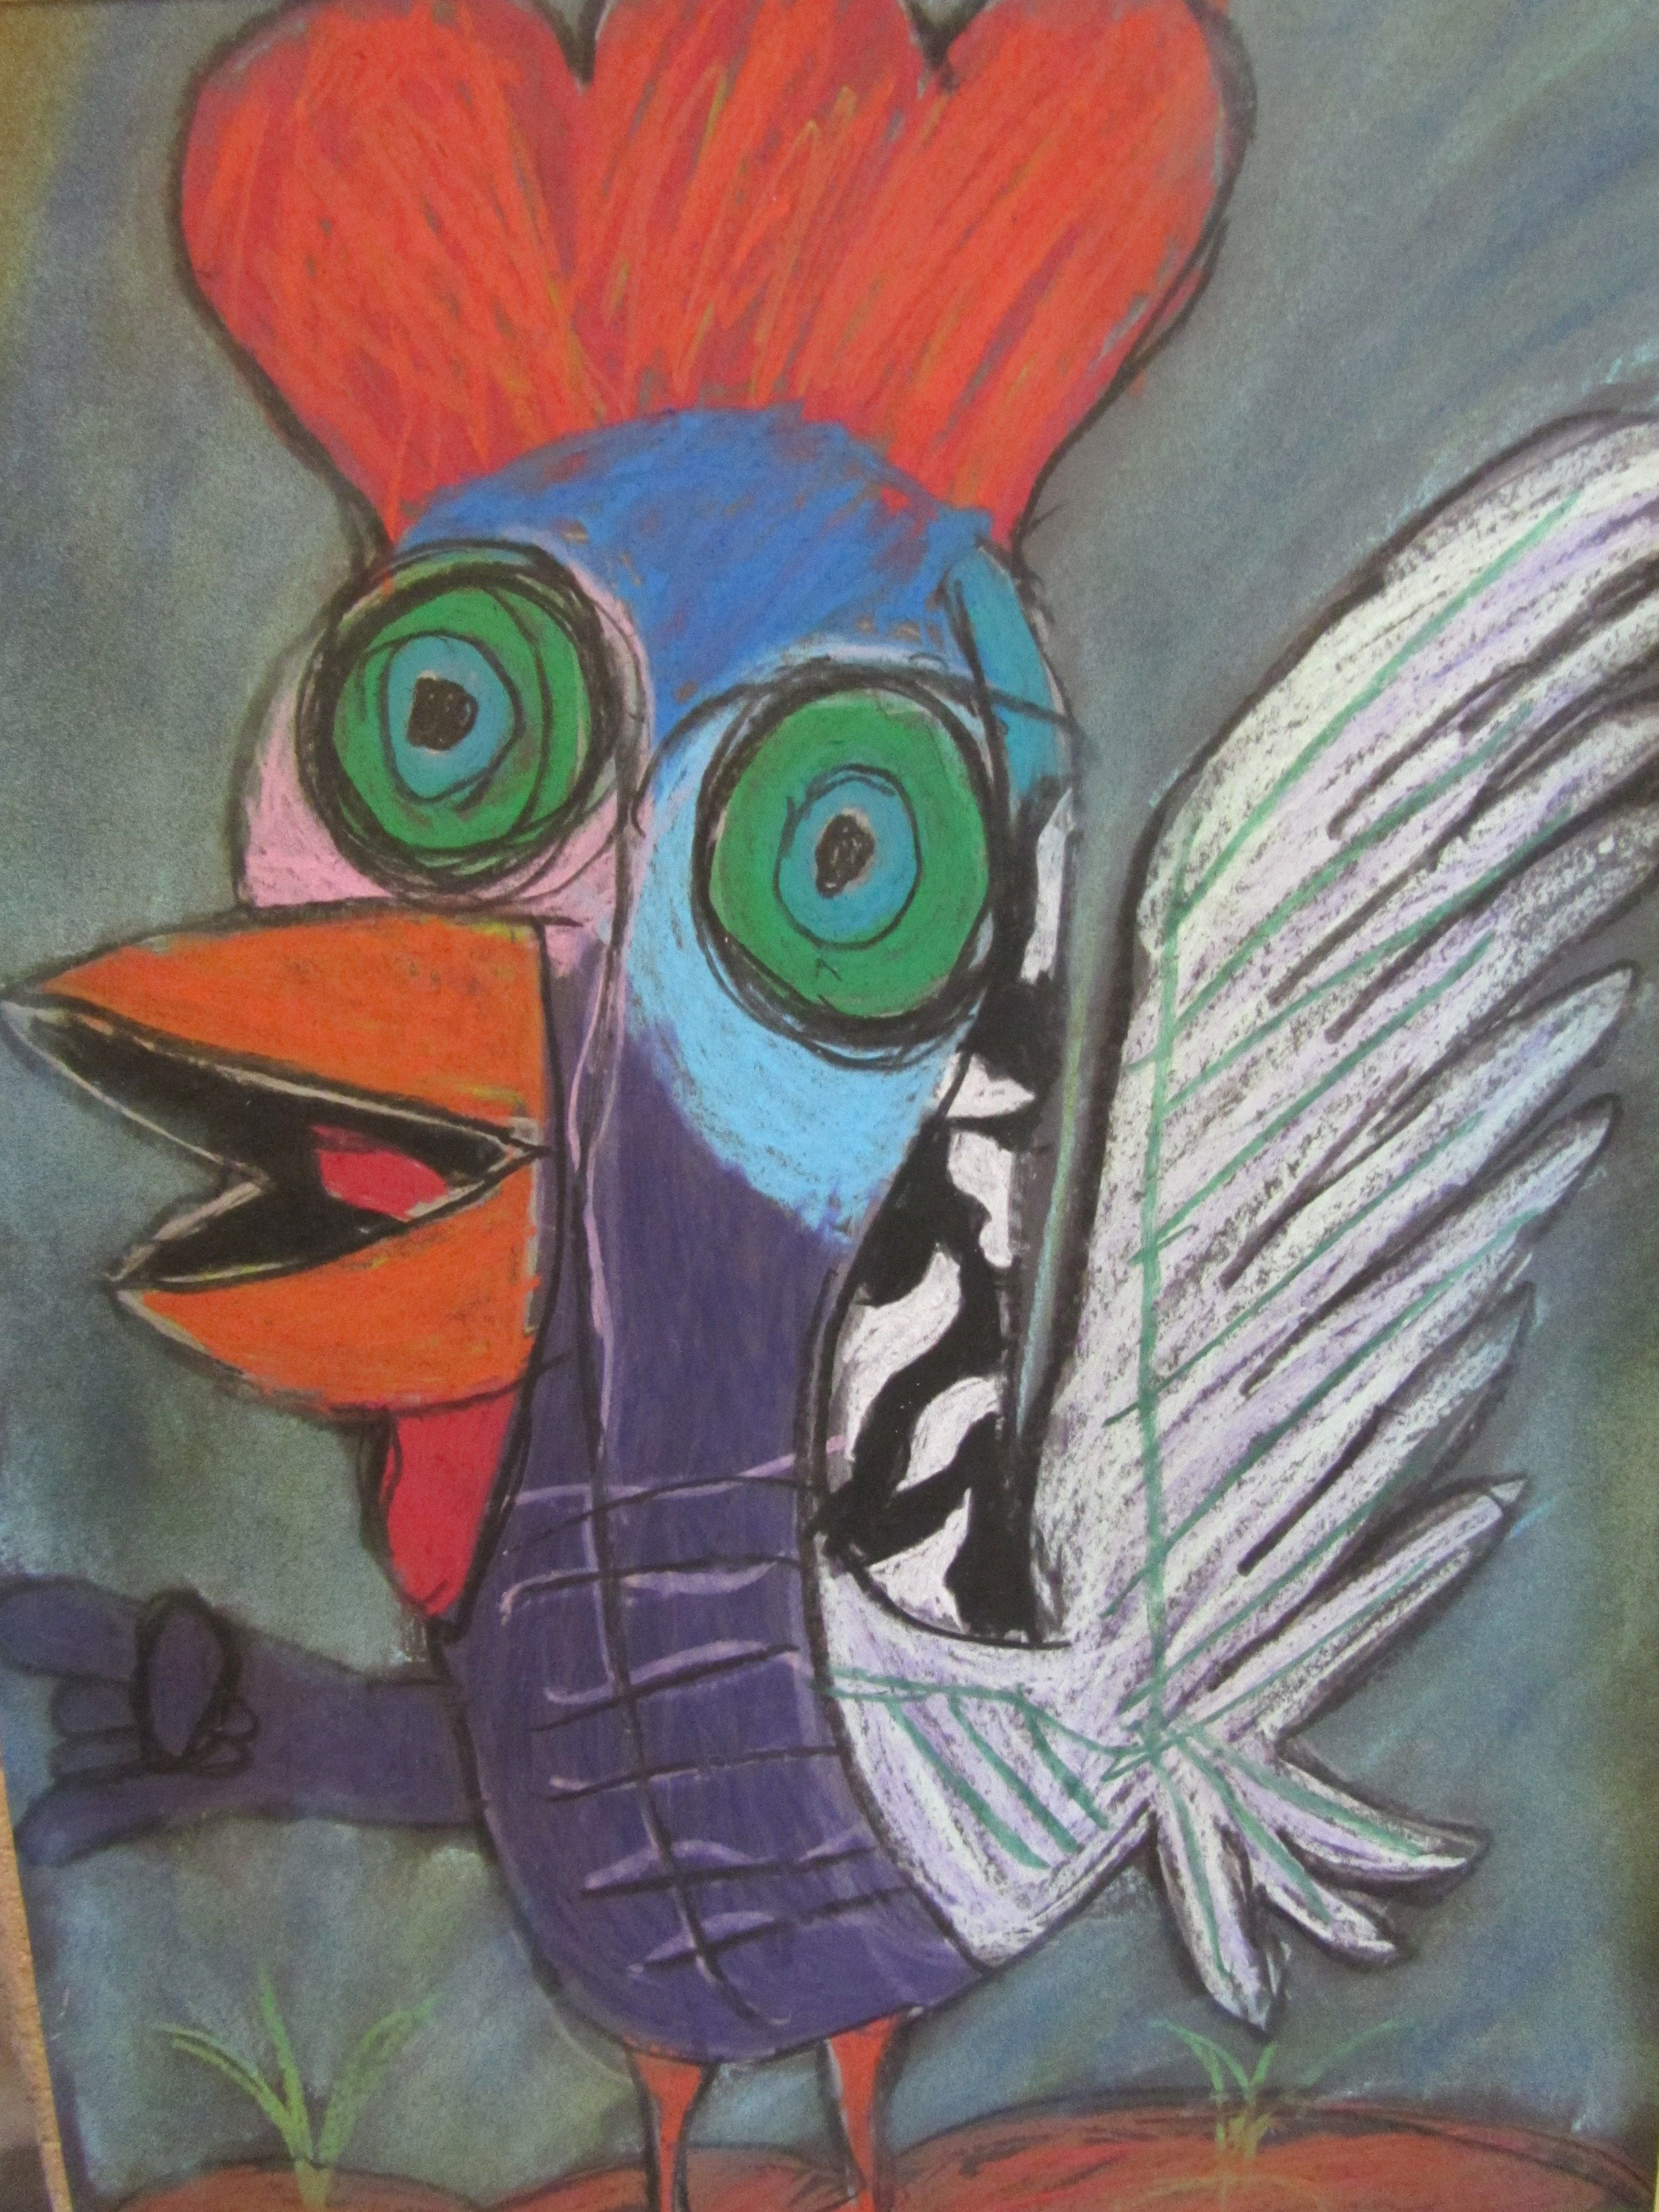 Picasso Le Coq Lesson